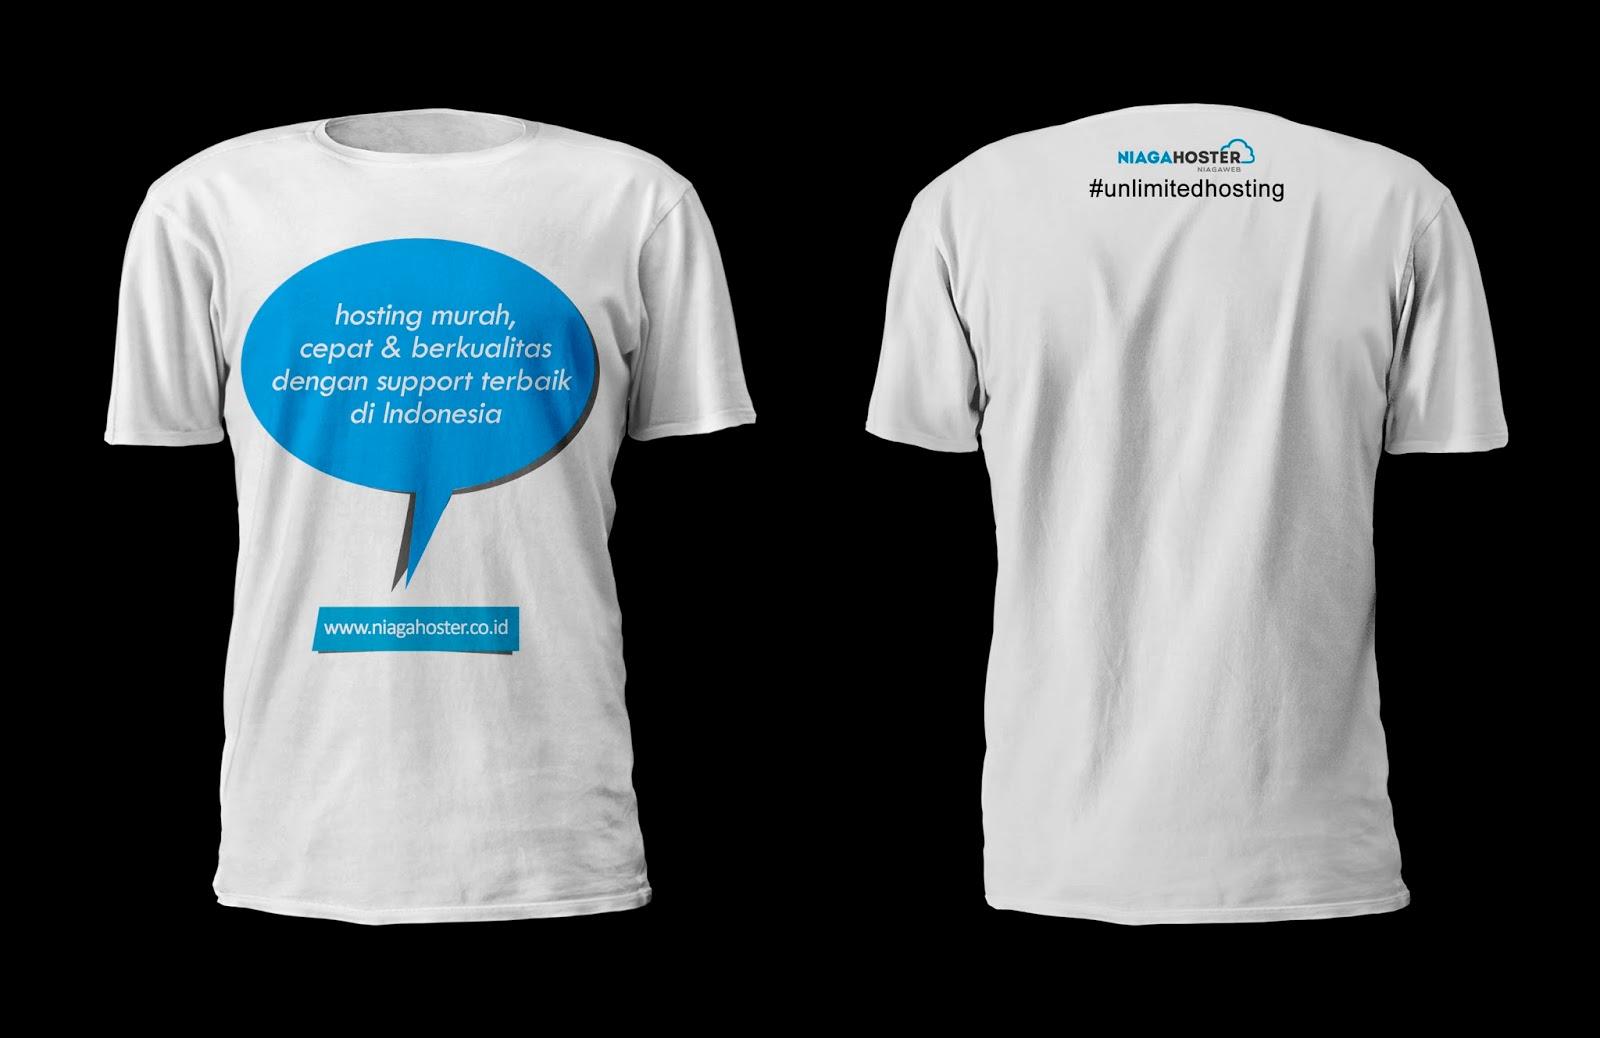 Desain t shirt elegan - Untuk Warna Saya Masih Menggunakan Warna Dasar Putih Agar Terkesan Elegan Walaupun Warna Dasar Bisa Saja Dikostumisasi Kemudian